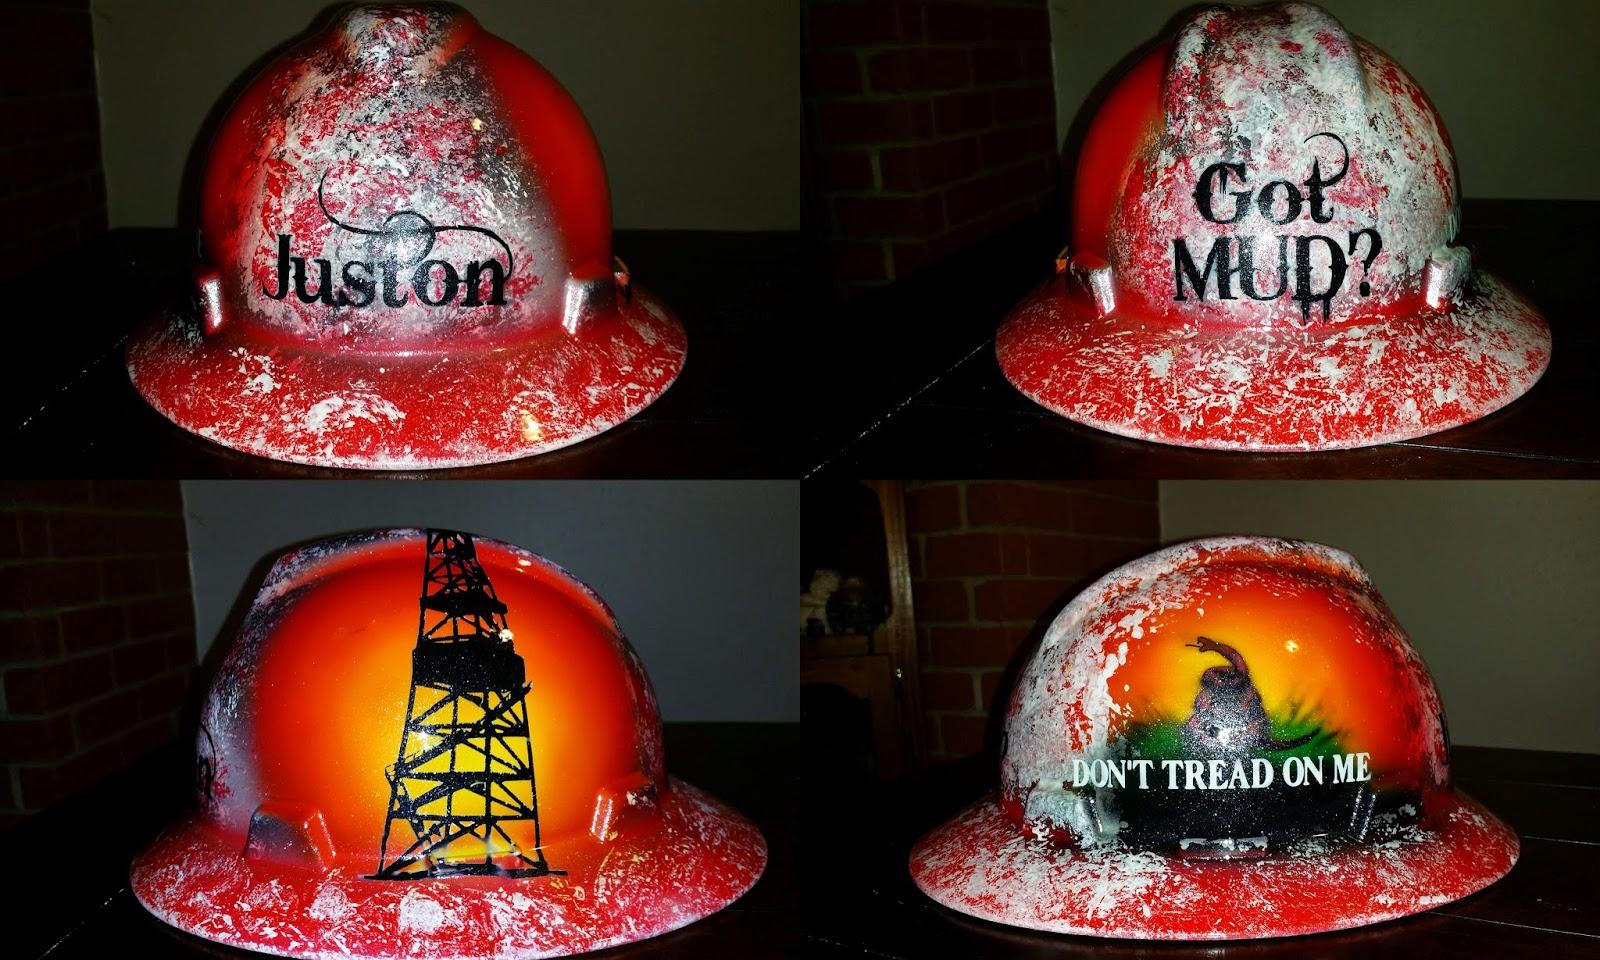 custom got mud. mud engineer hard hat